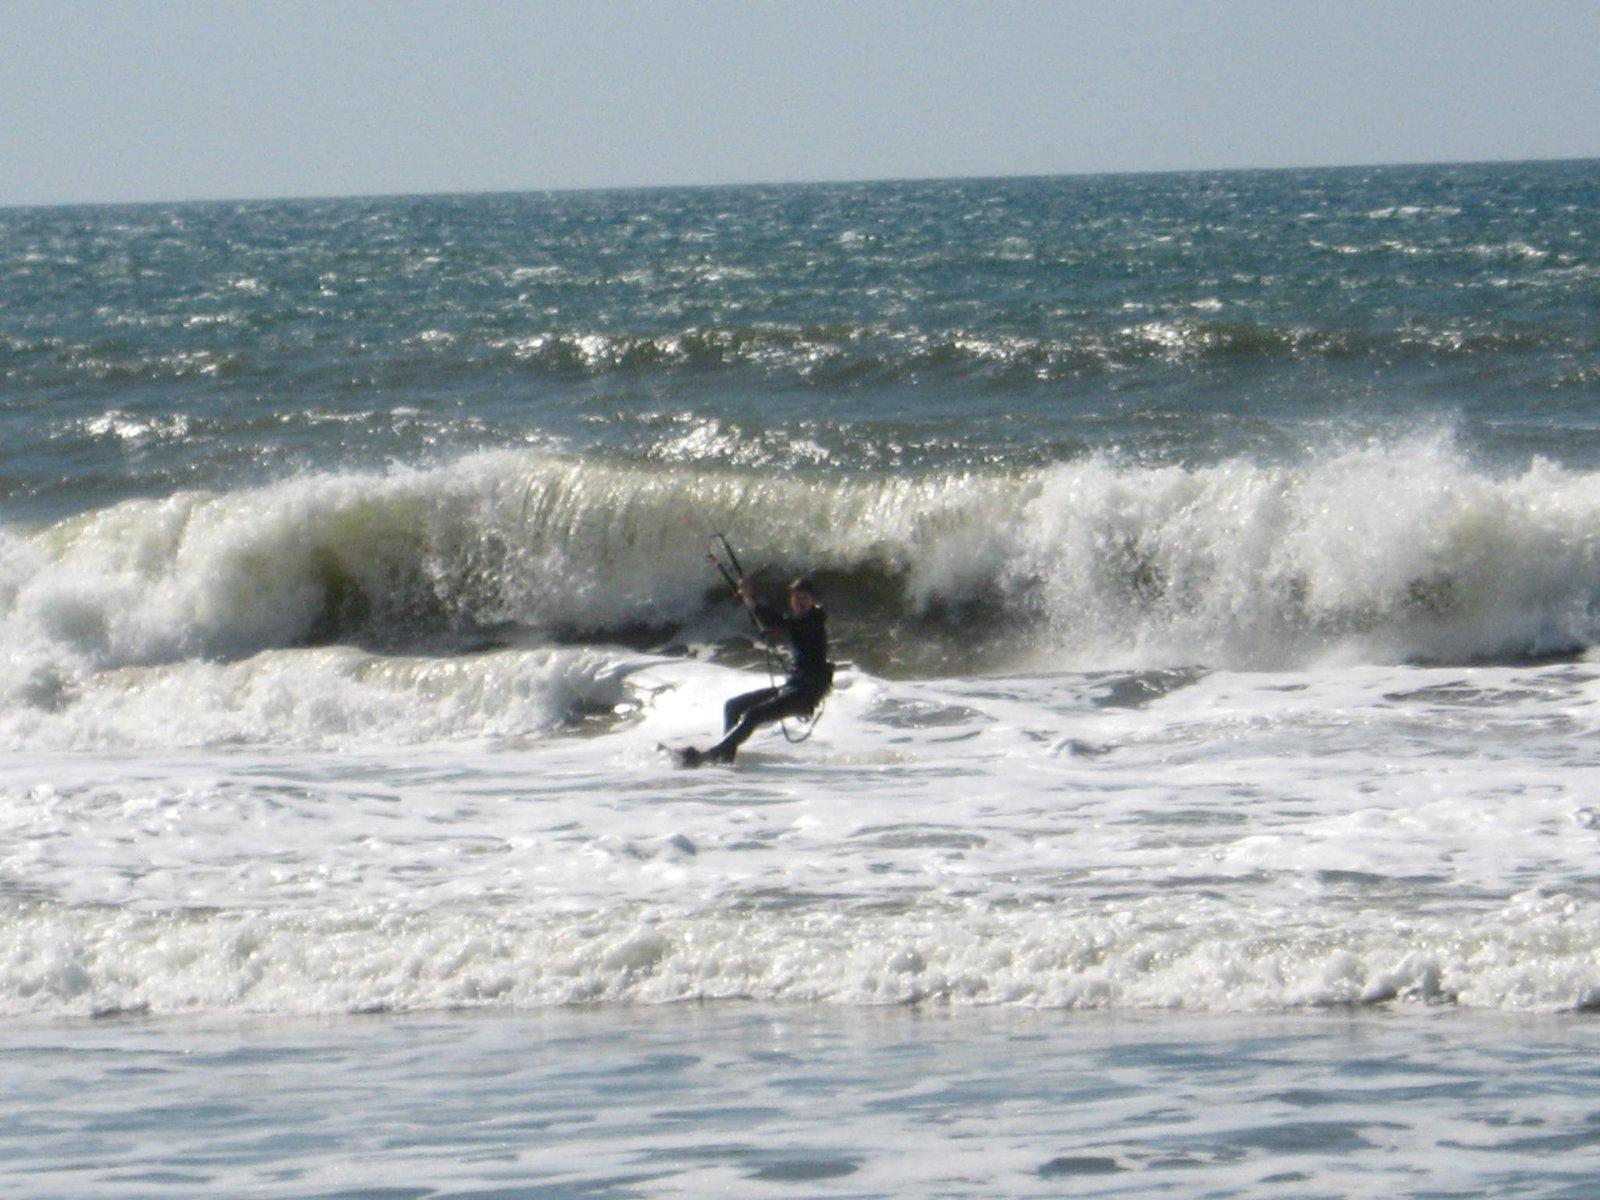 Kiting in the ocean